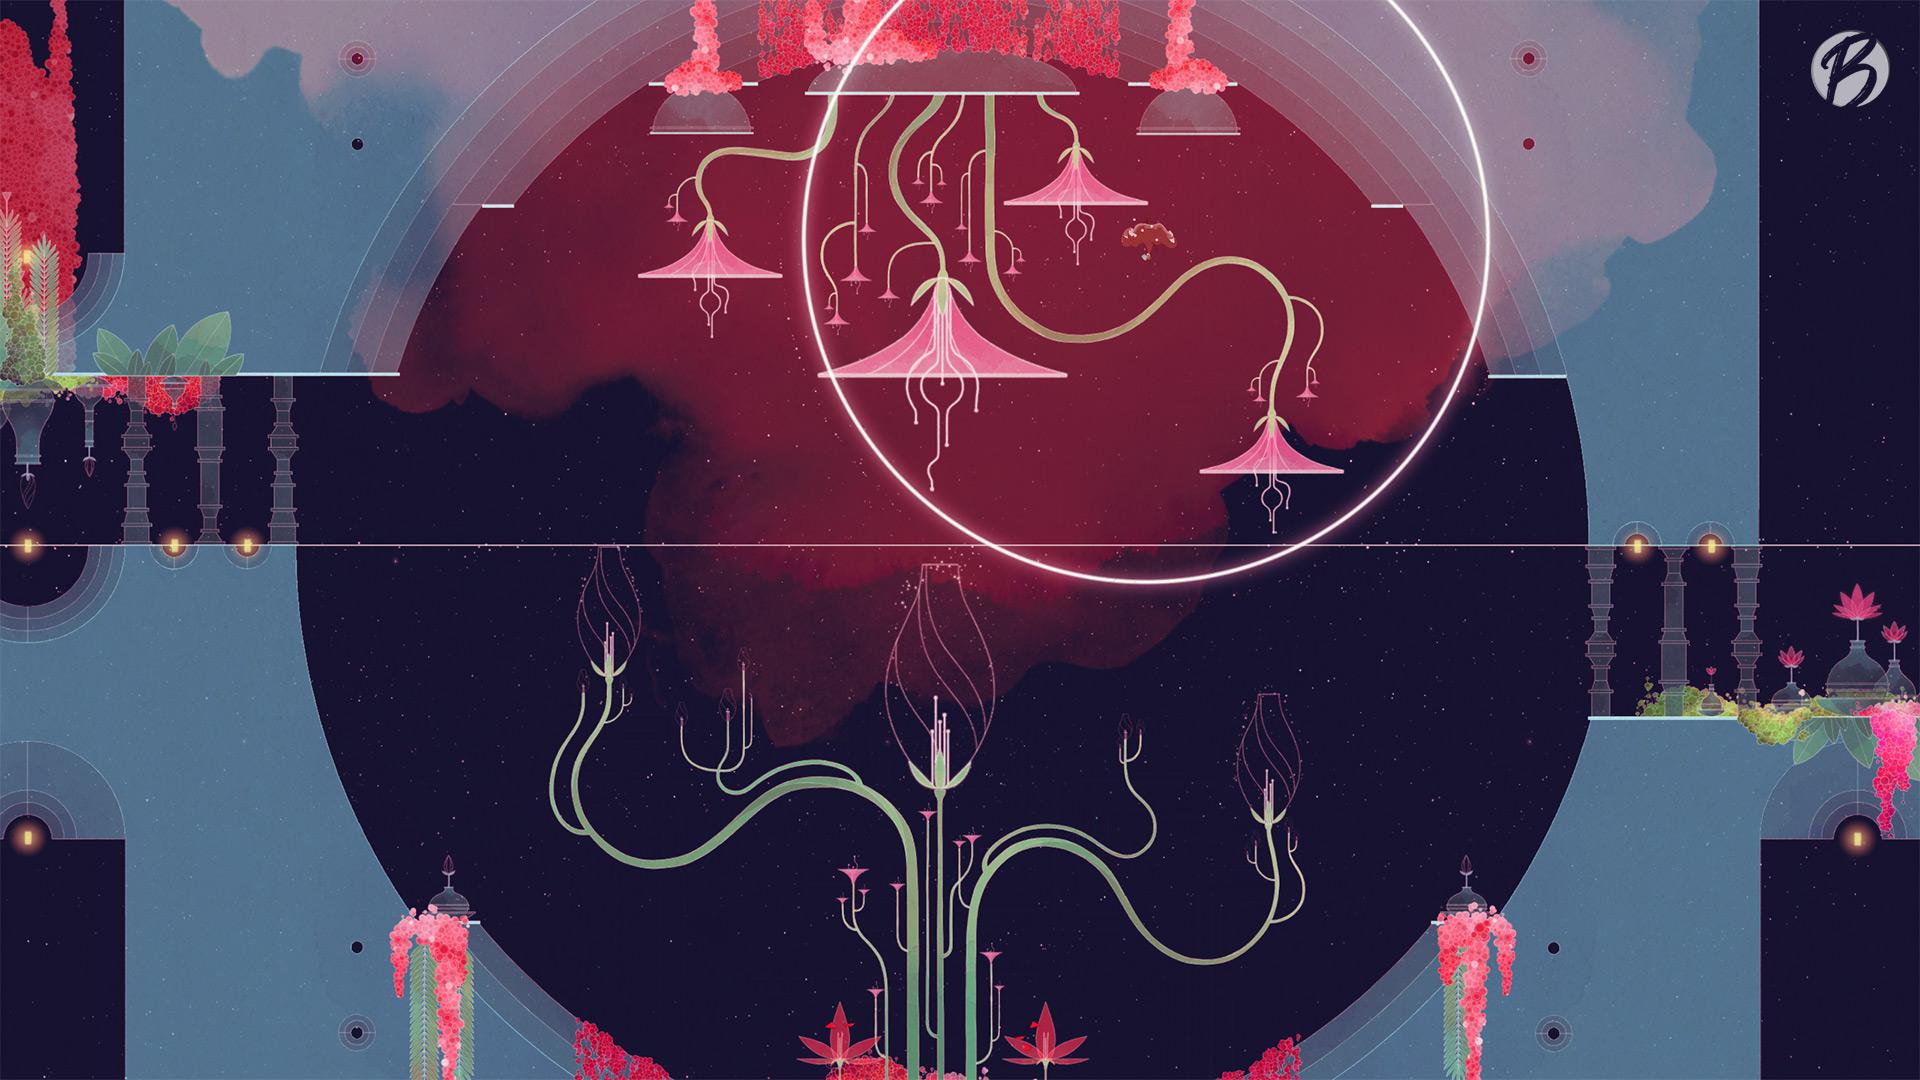 GRIS - Nachdem GRIS ihre Stimme wiedererlangt, erweckt diese die Welt um sie herum wieder zum Leben.